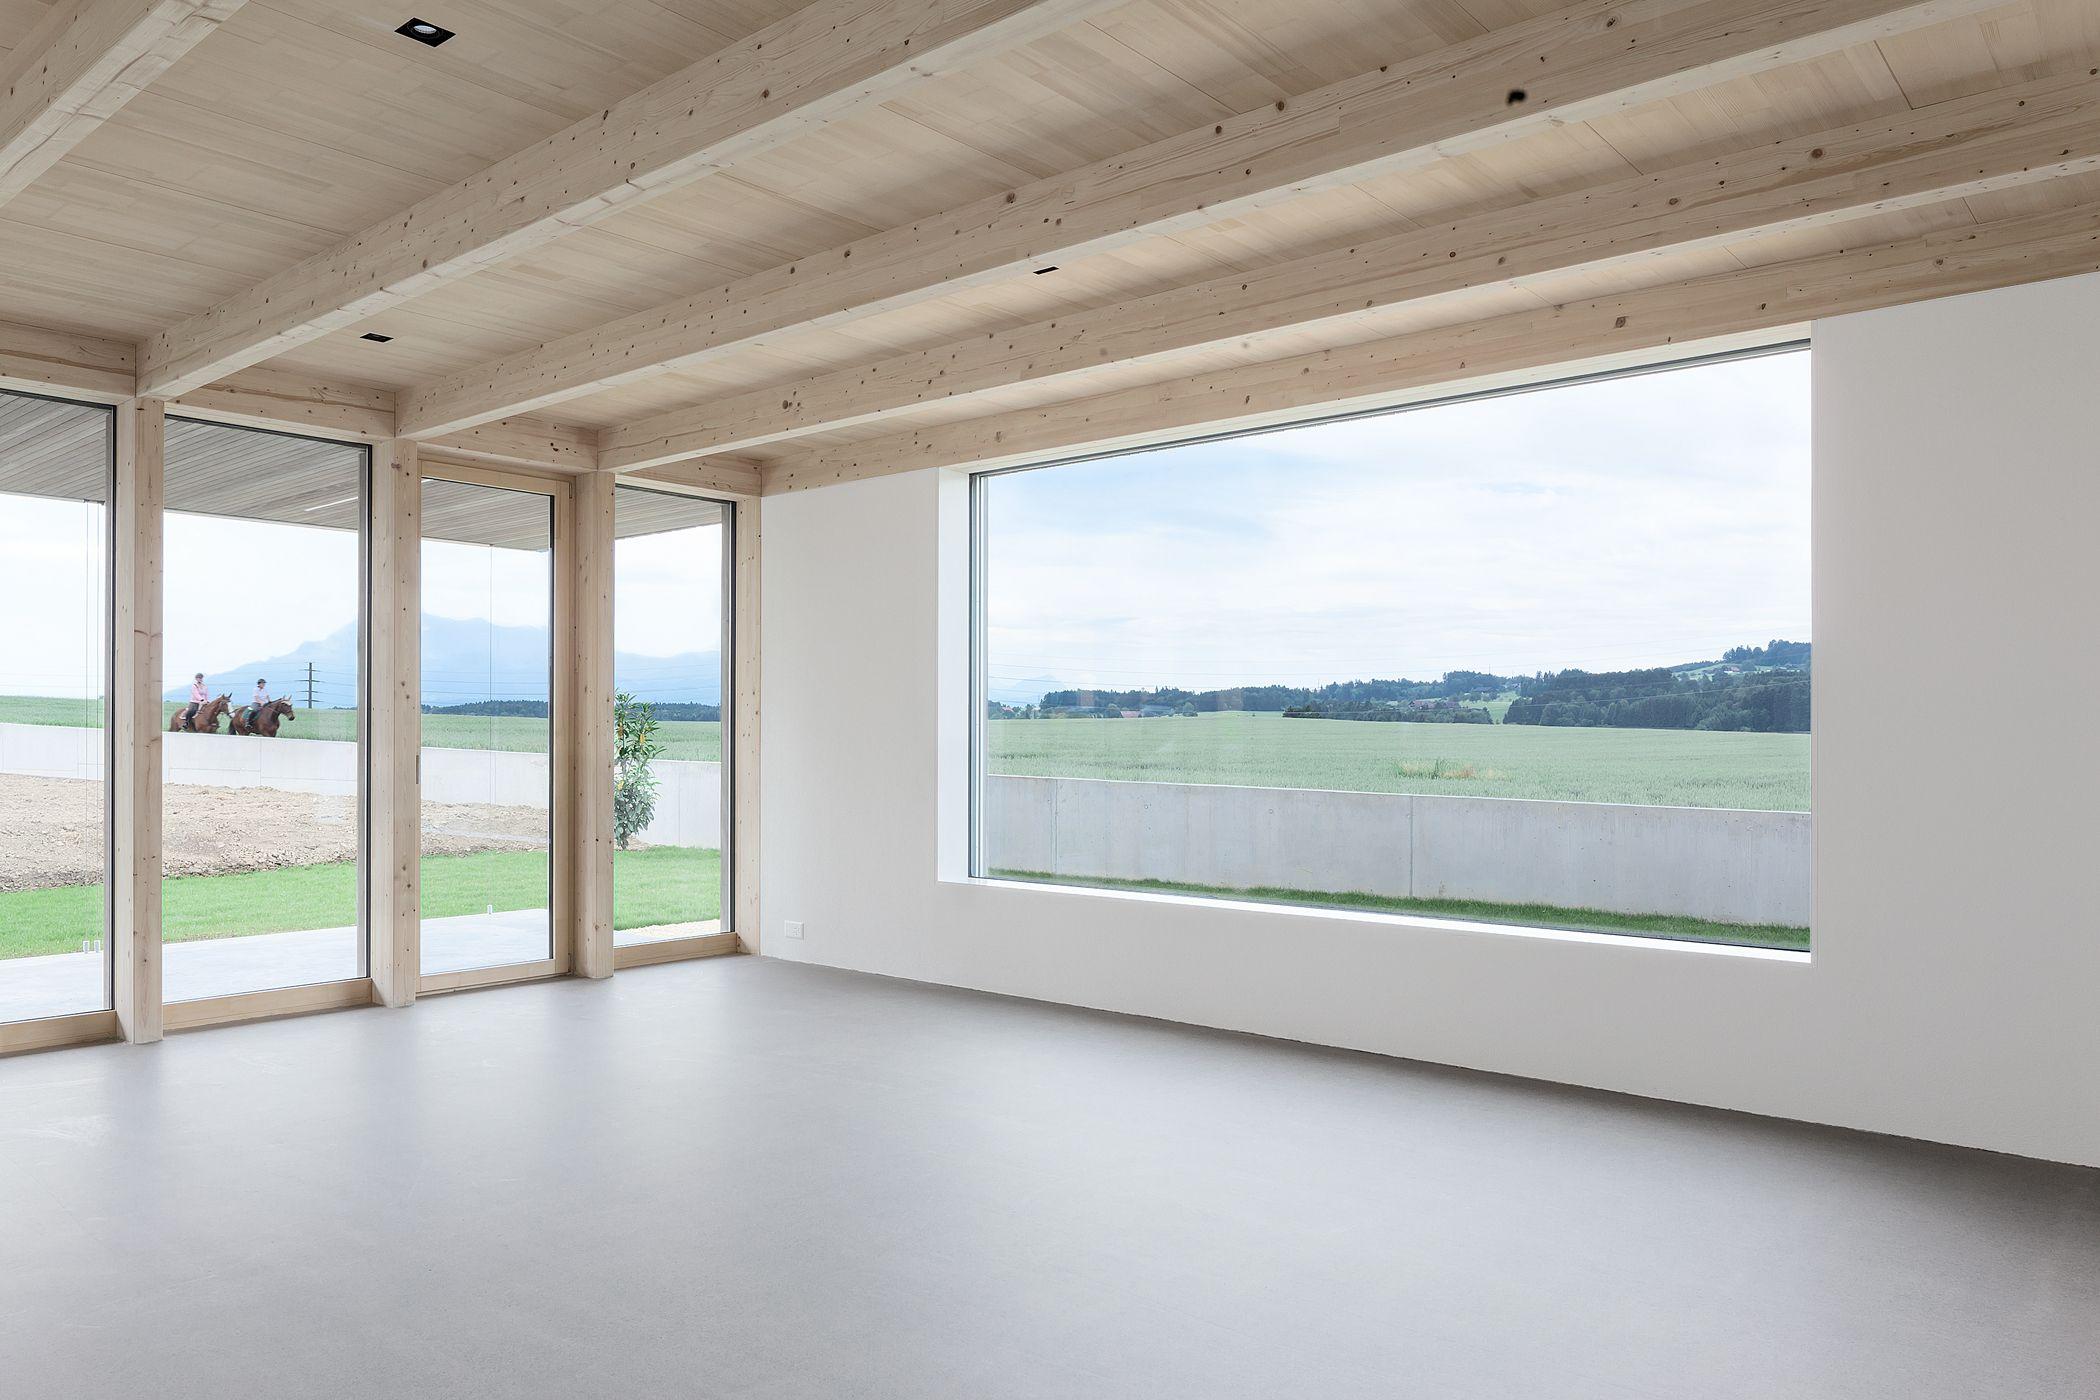 Fensterbank zum Sitzen modern gestalten 20 Designideen Test Pinterest